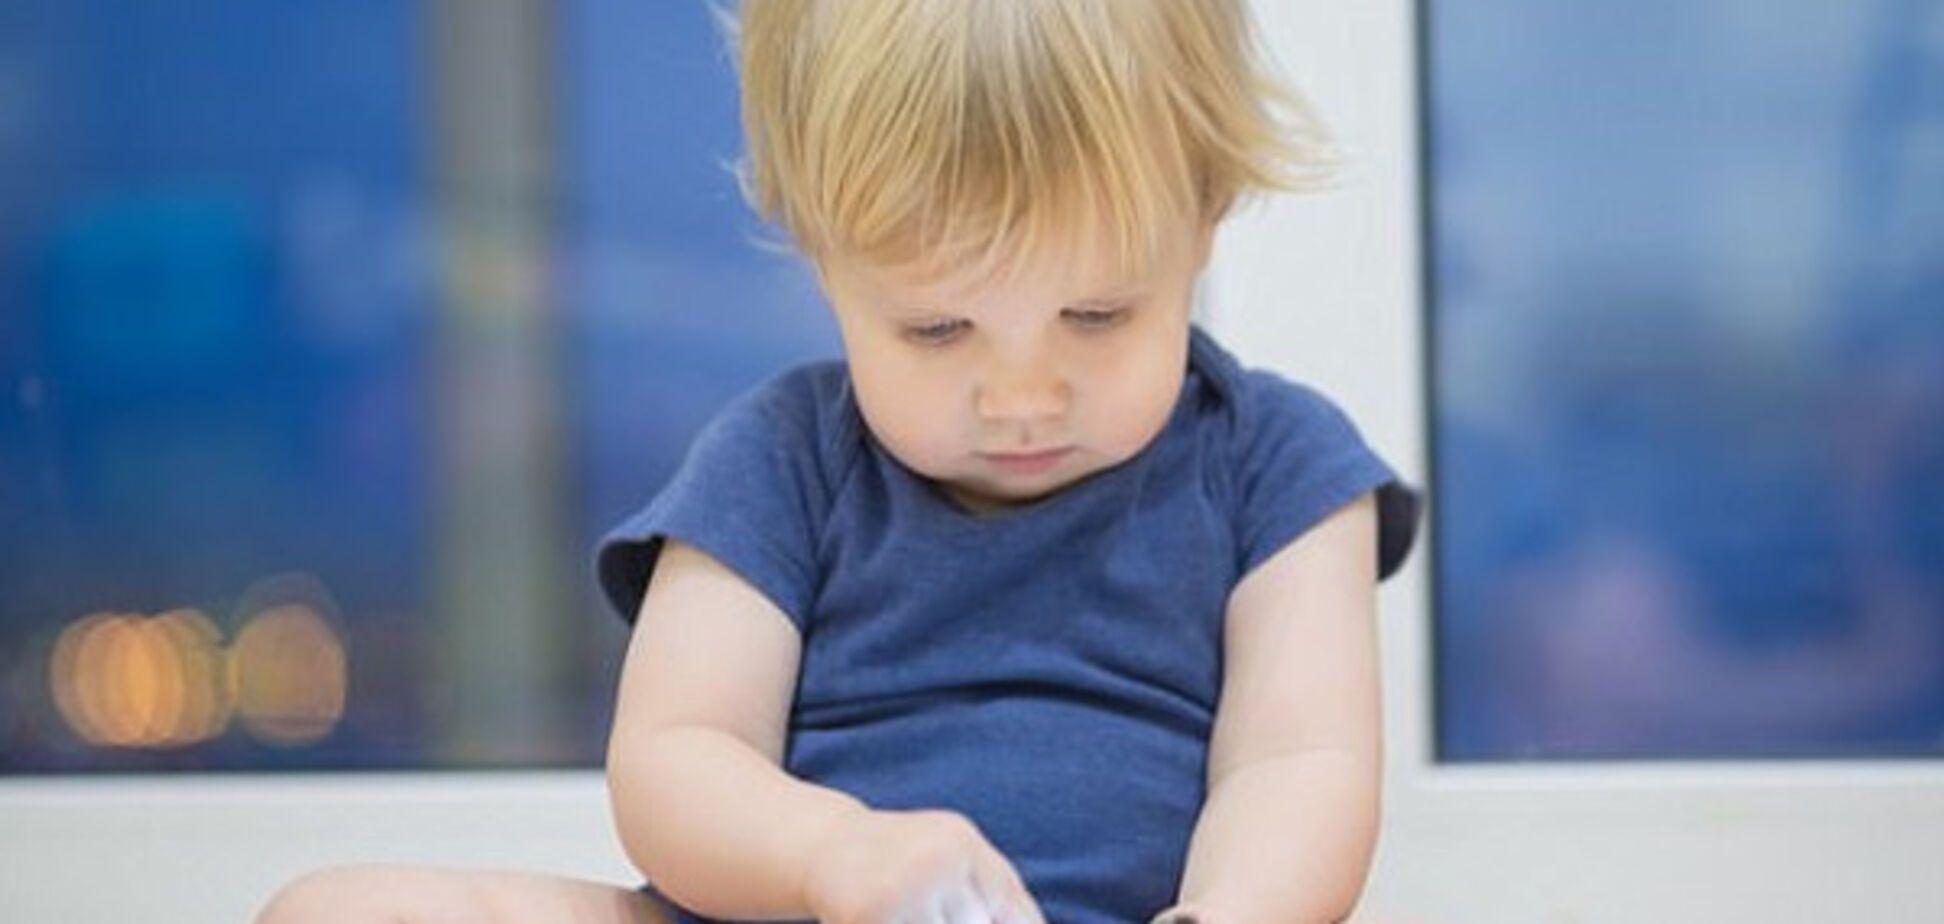 Ученые выяснили, как использование планшета влияет на сон ребенка